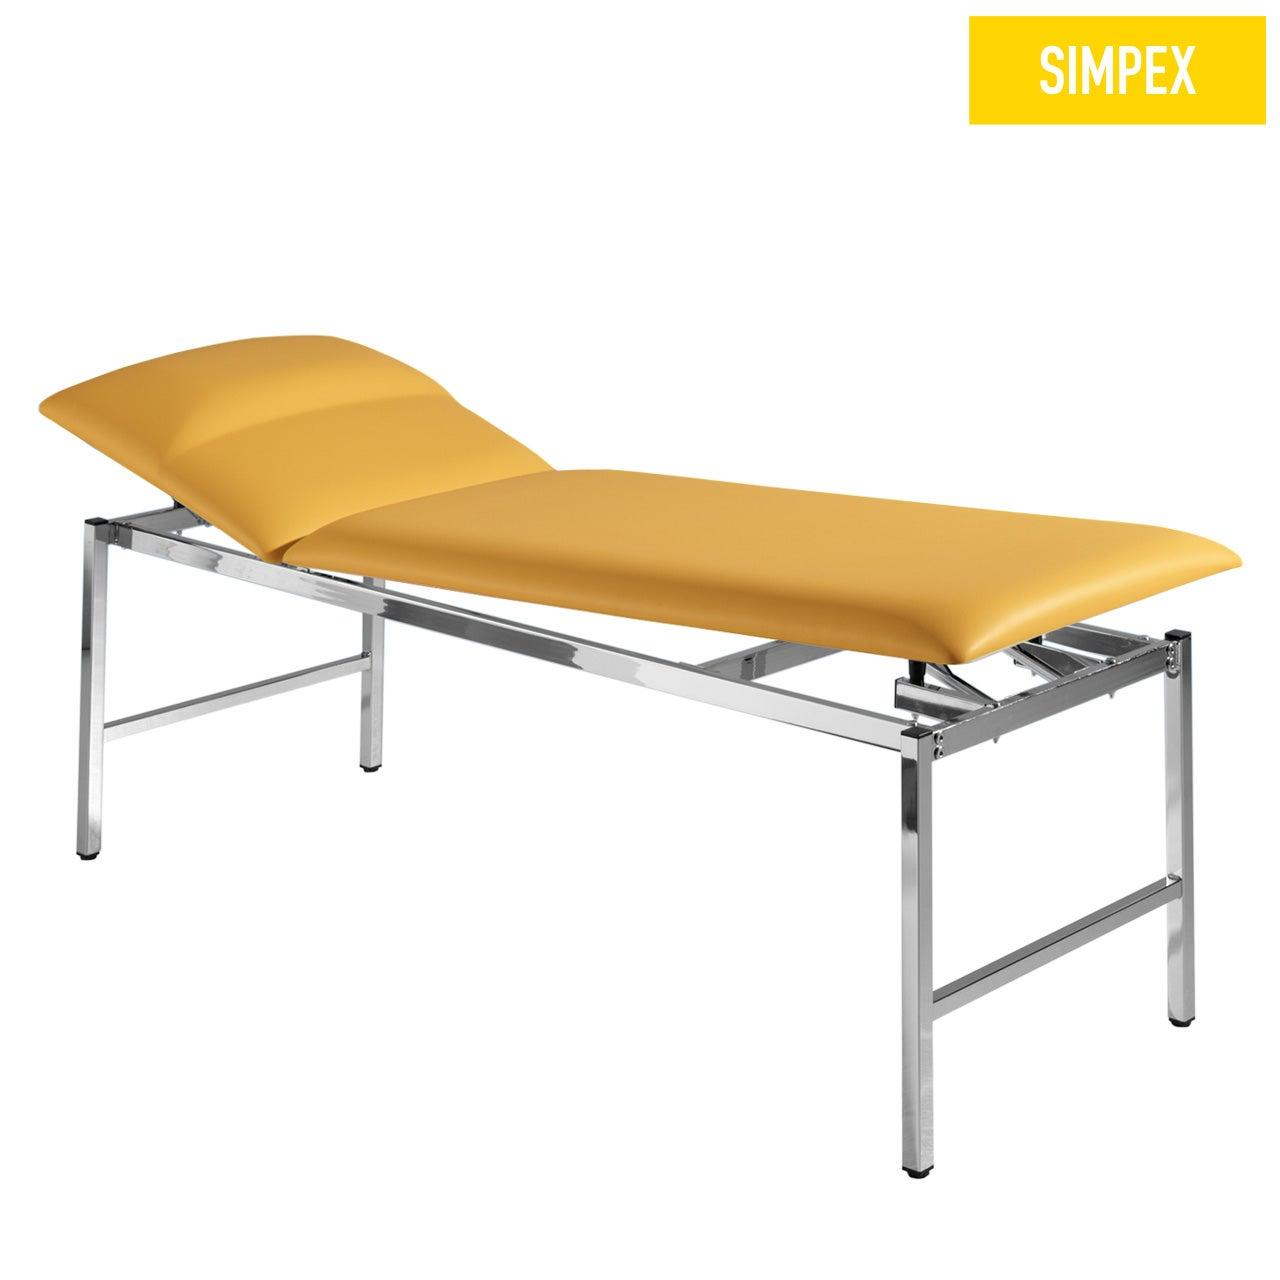 Multifunktionsliege MEDI-LUX 65 Siesta mit Kunstleder in gelb (mais) und einem Gestell aus Stahl verchromt von SIMPEX